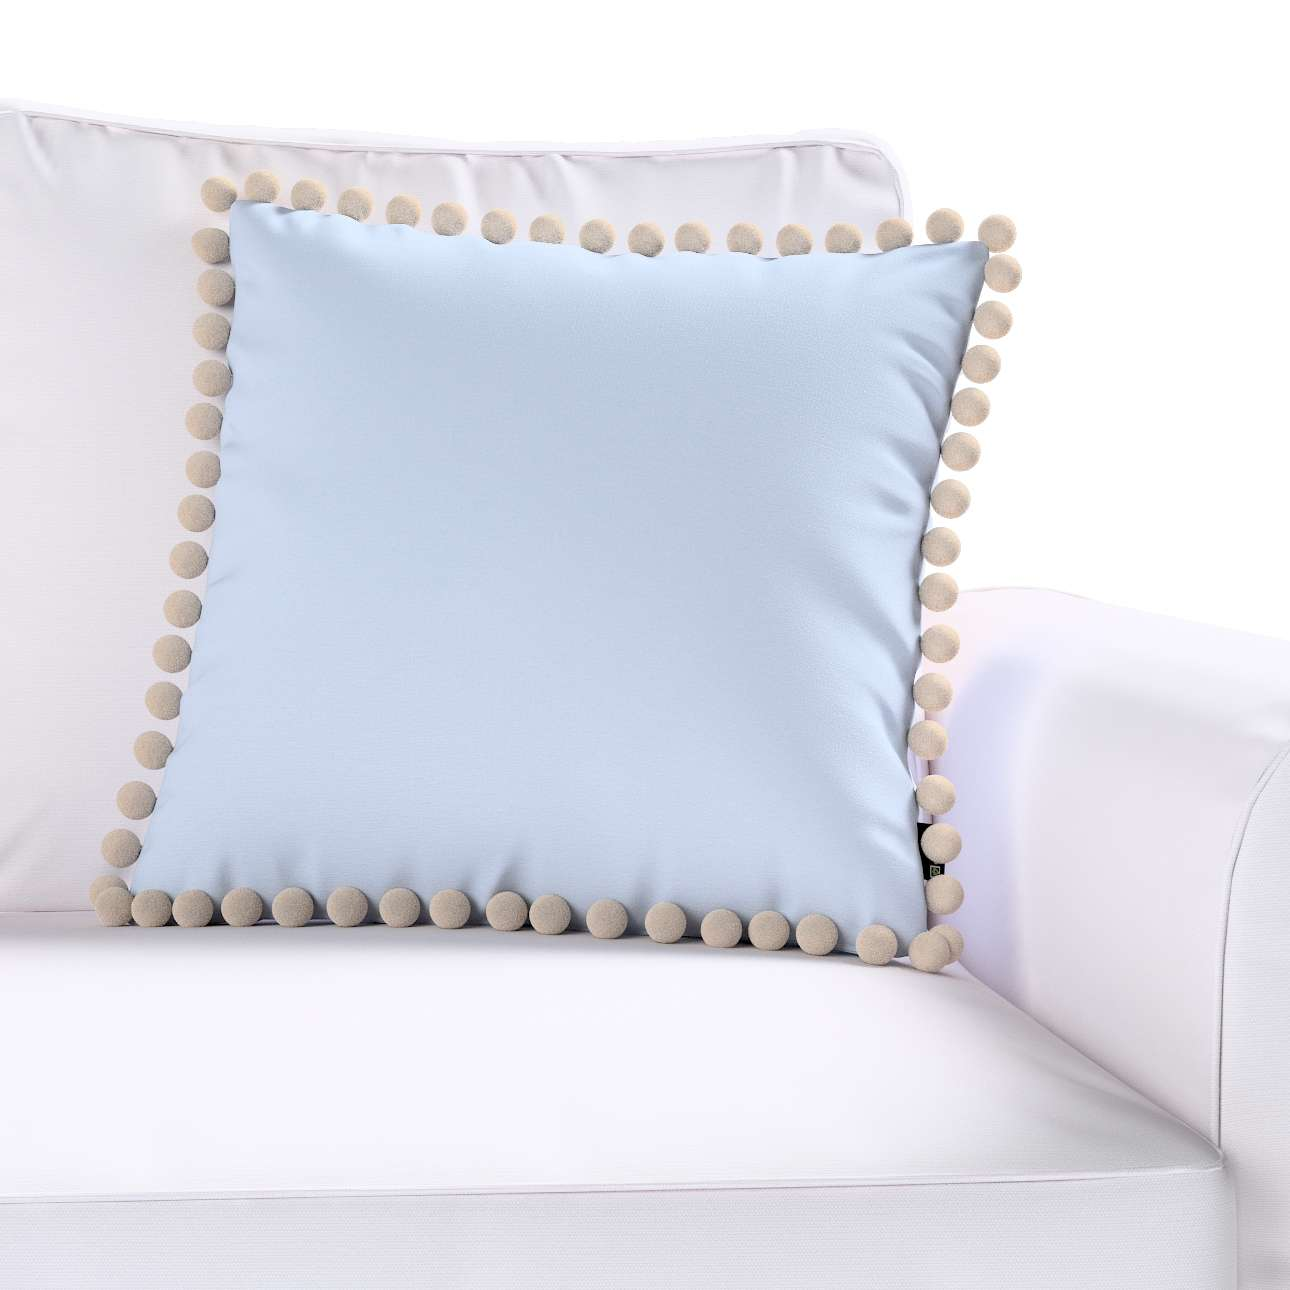 Wera dekoratyvinės pagalvėlės užvalkalas su žaismingais kraštais 45 × 45 cm kolekcijoje Loneta , audinys: 133-35